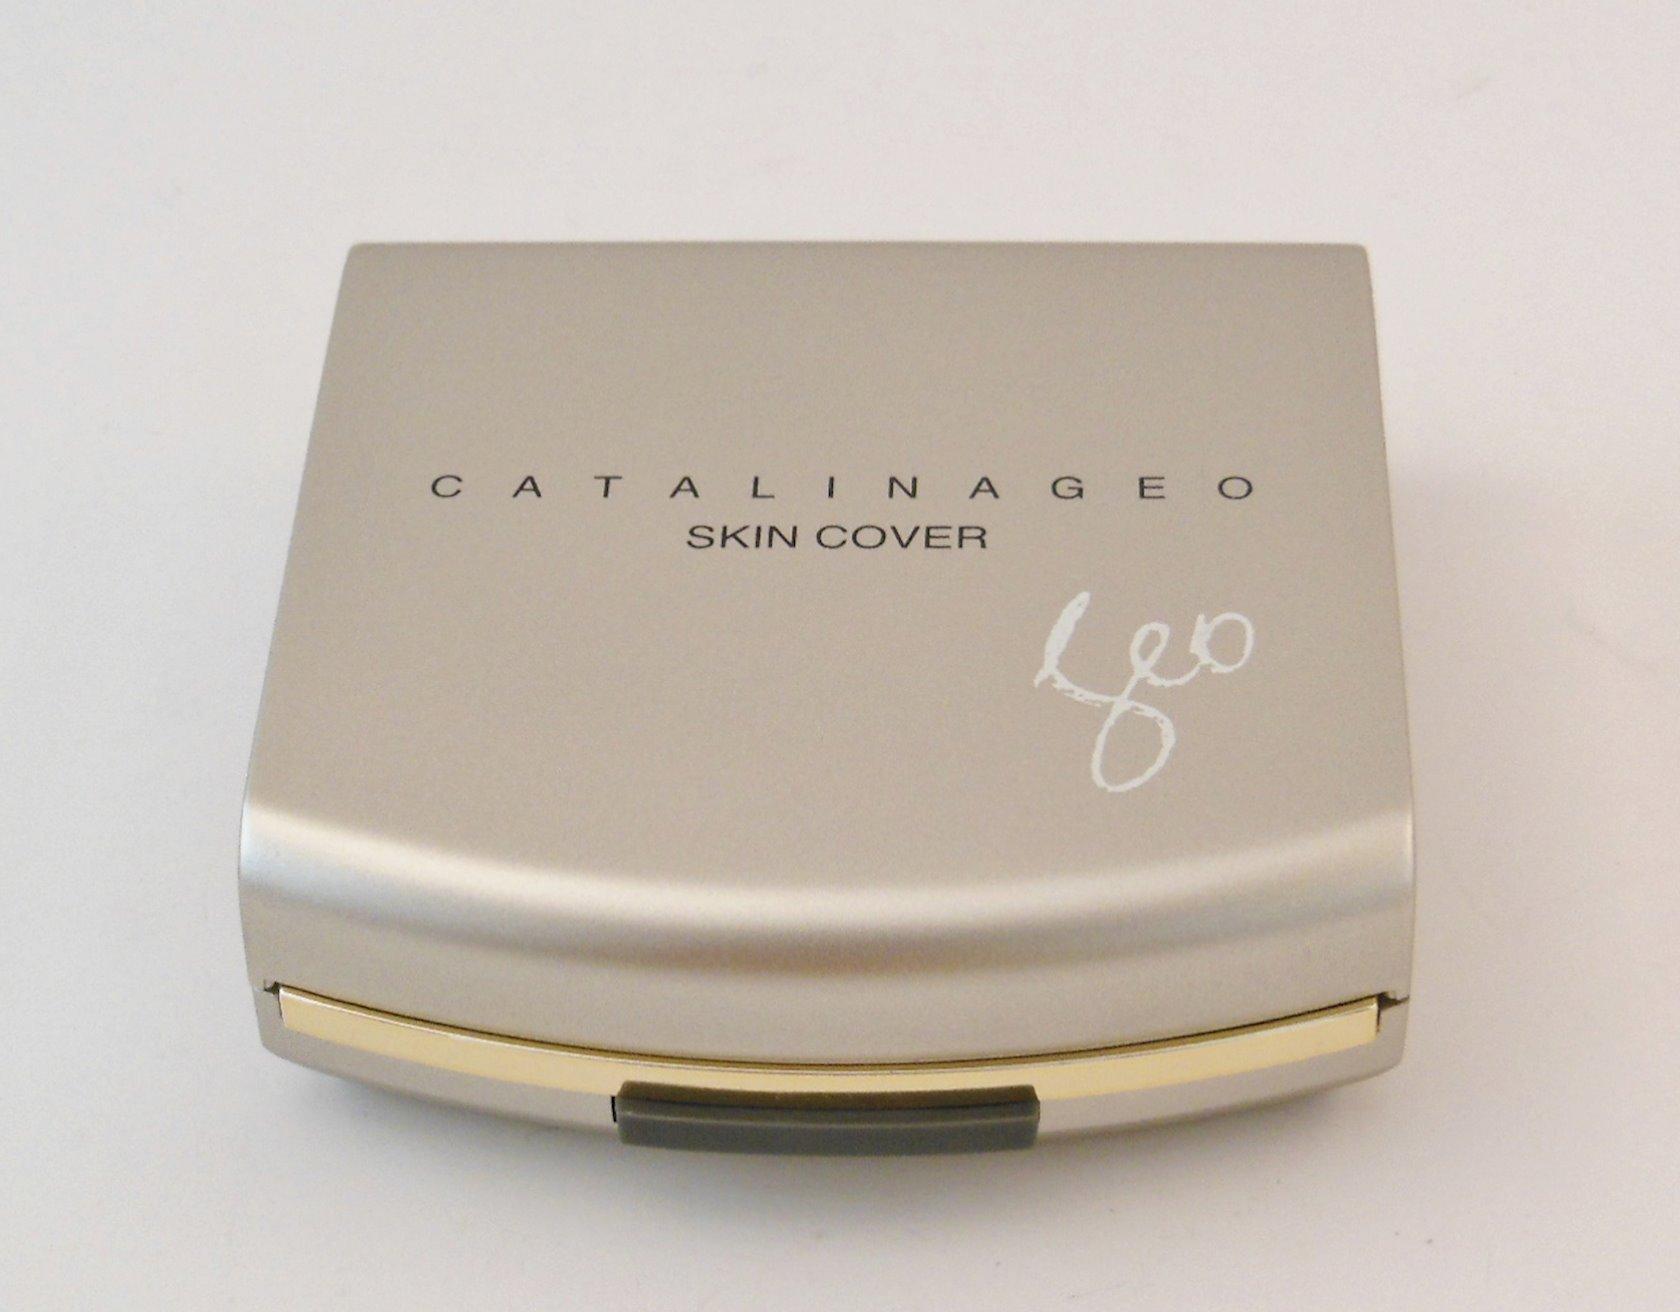 Kompakt krem-kirşan Catalina Geo Skin Cover 11 Pink Beige, 13 q